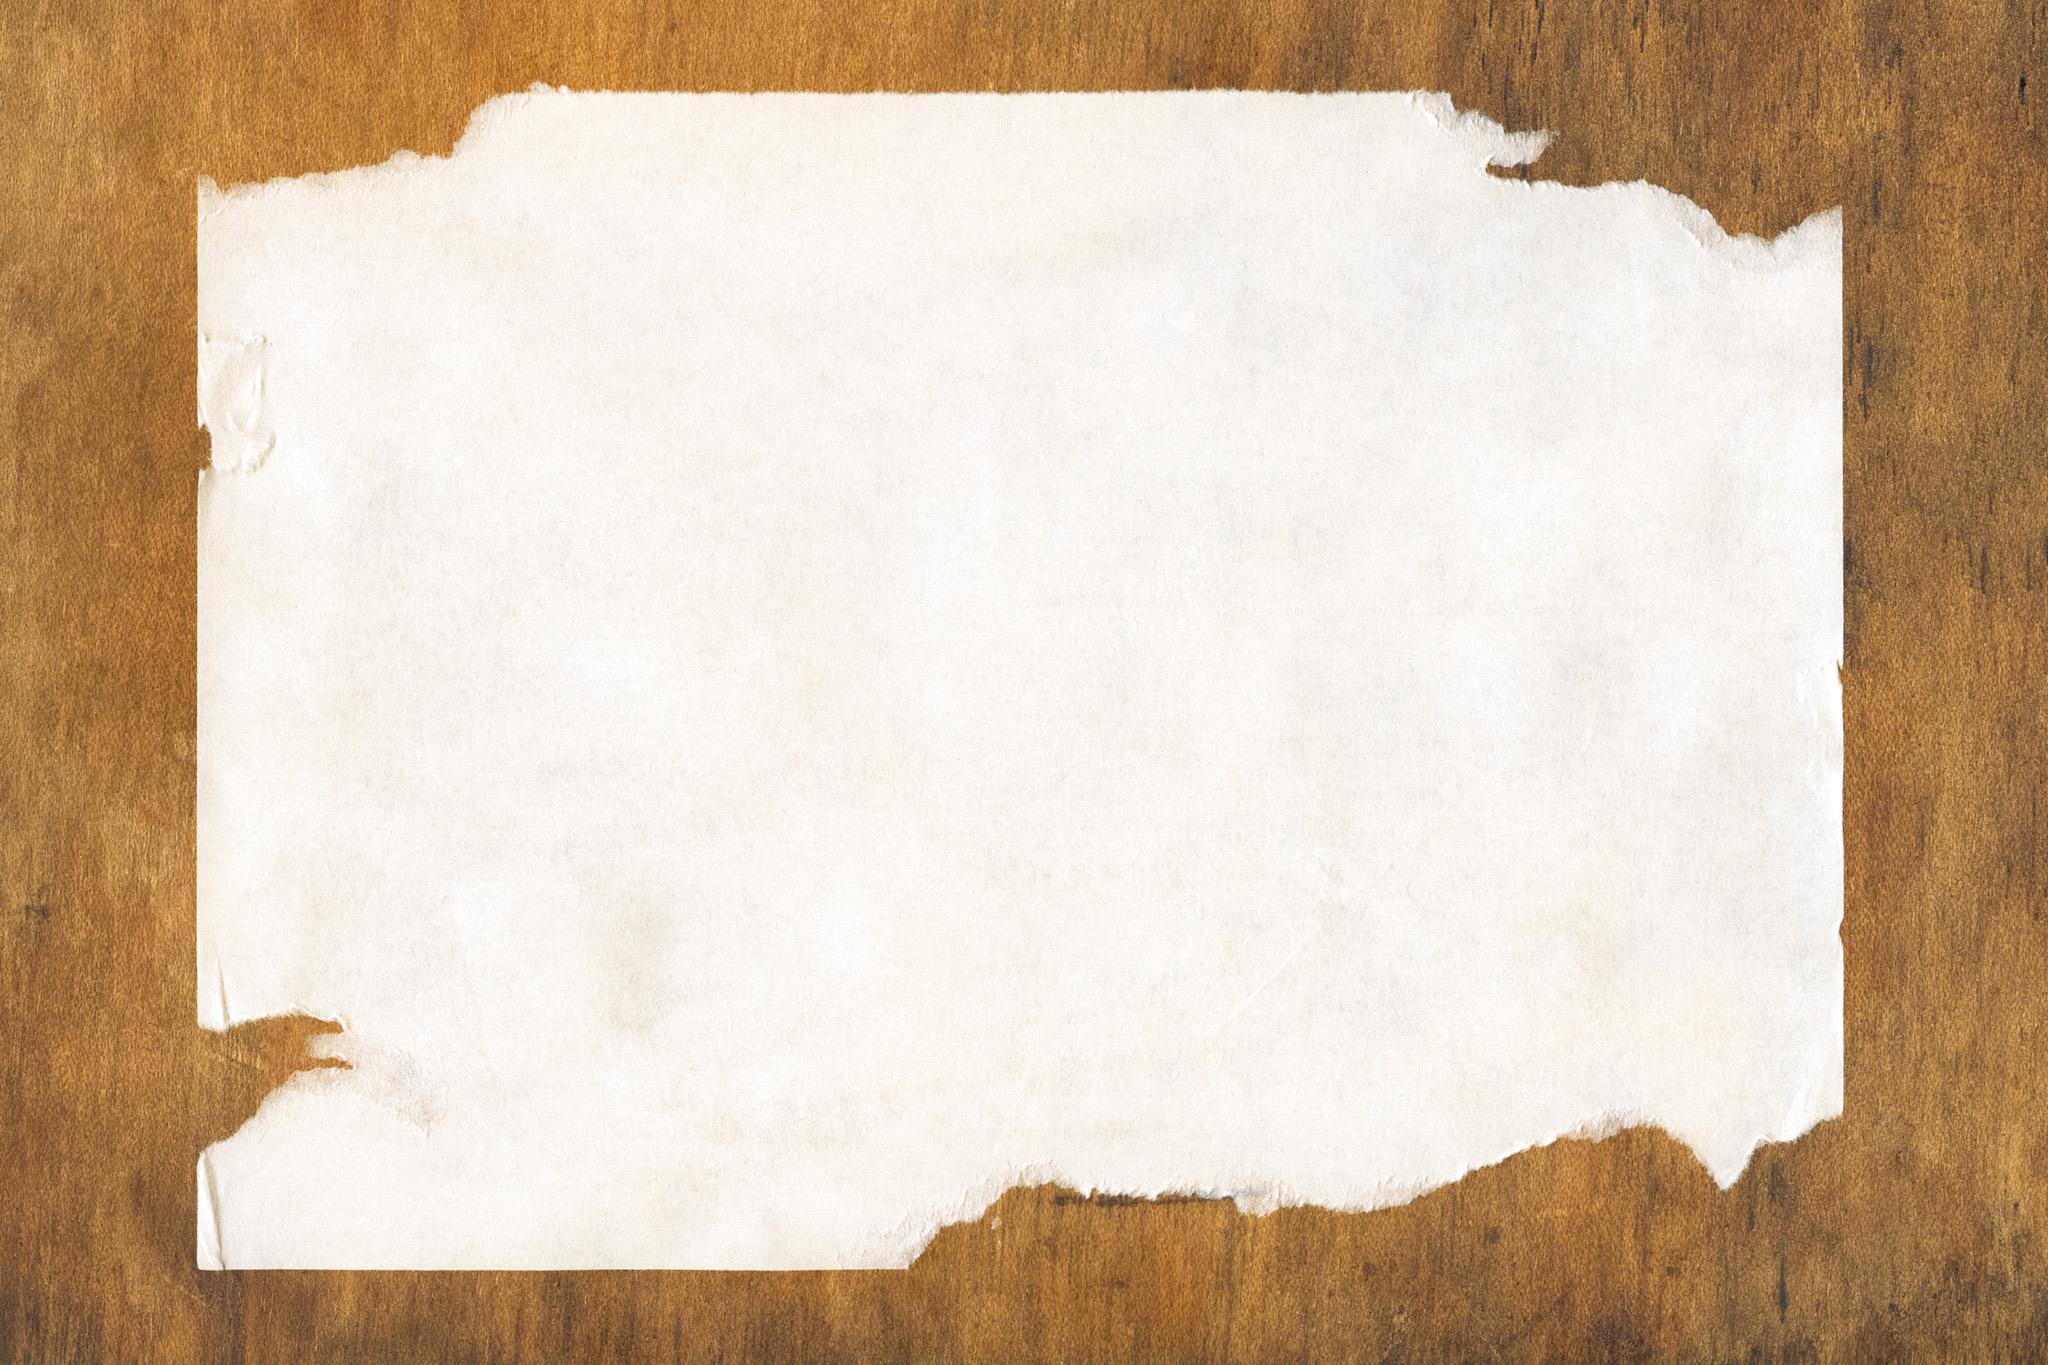 「四辺を剥がされた紙と板」の背景を無料ダウンロード